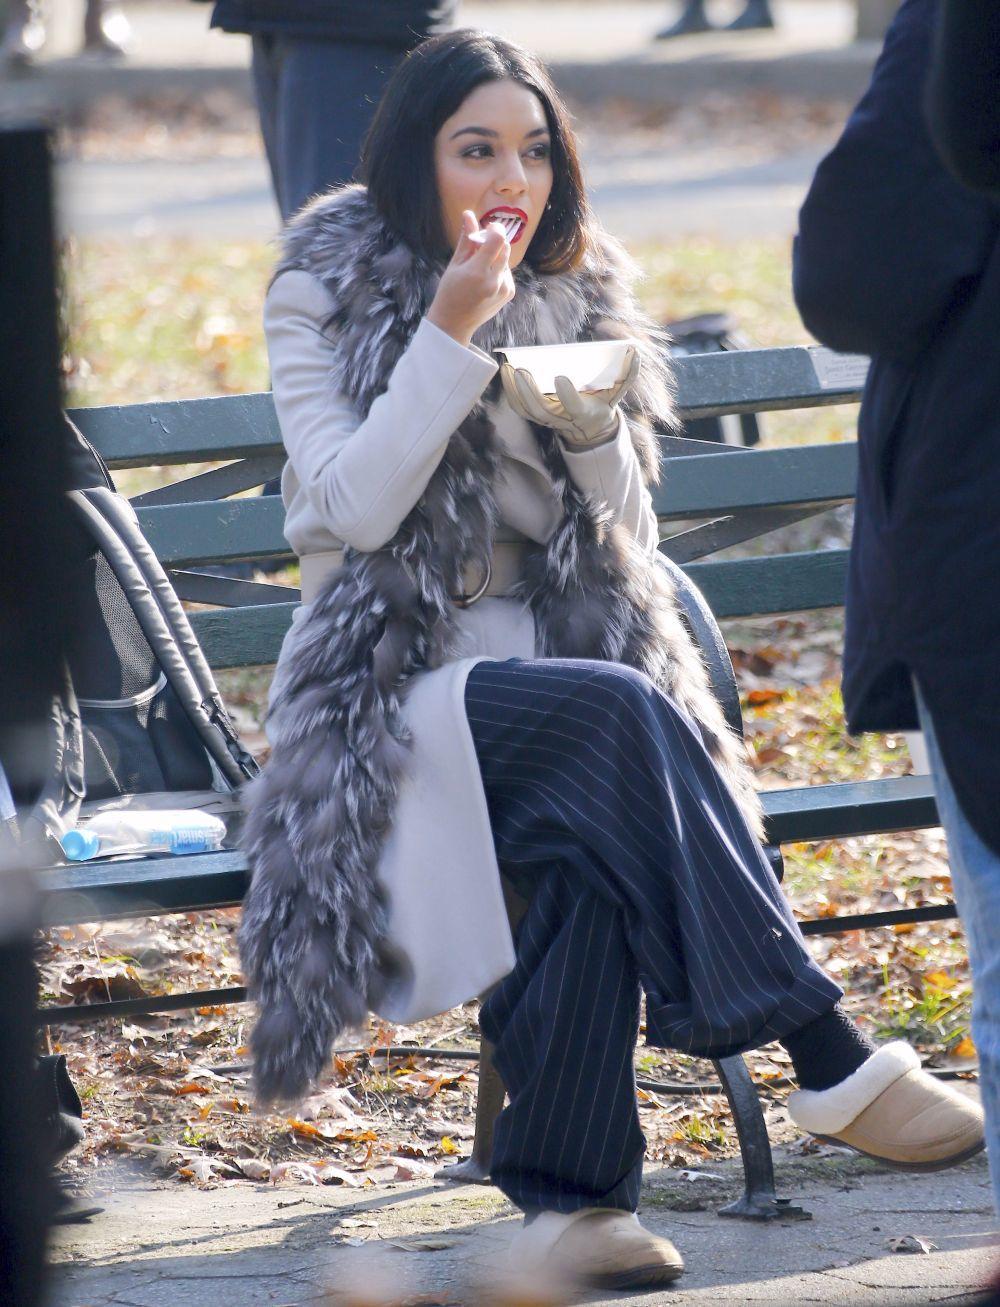 Vanessa Hudgens comiendo una ensalada.